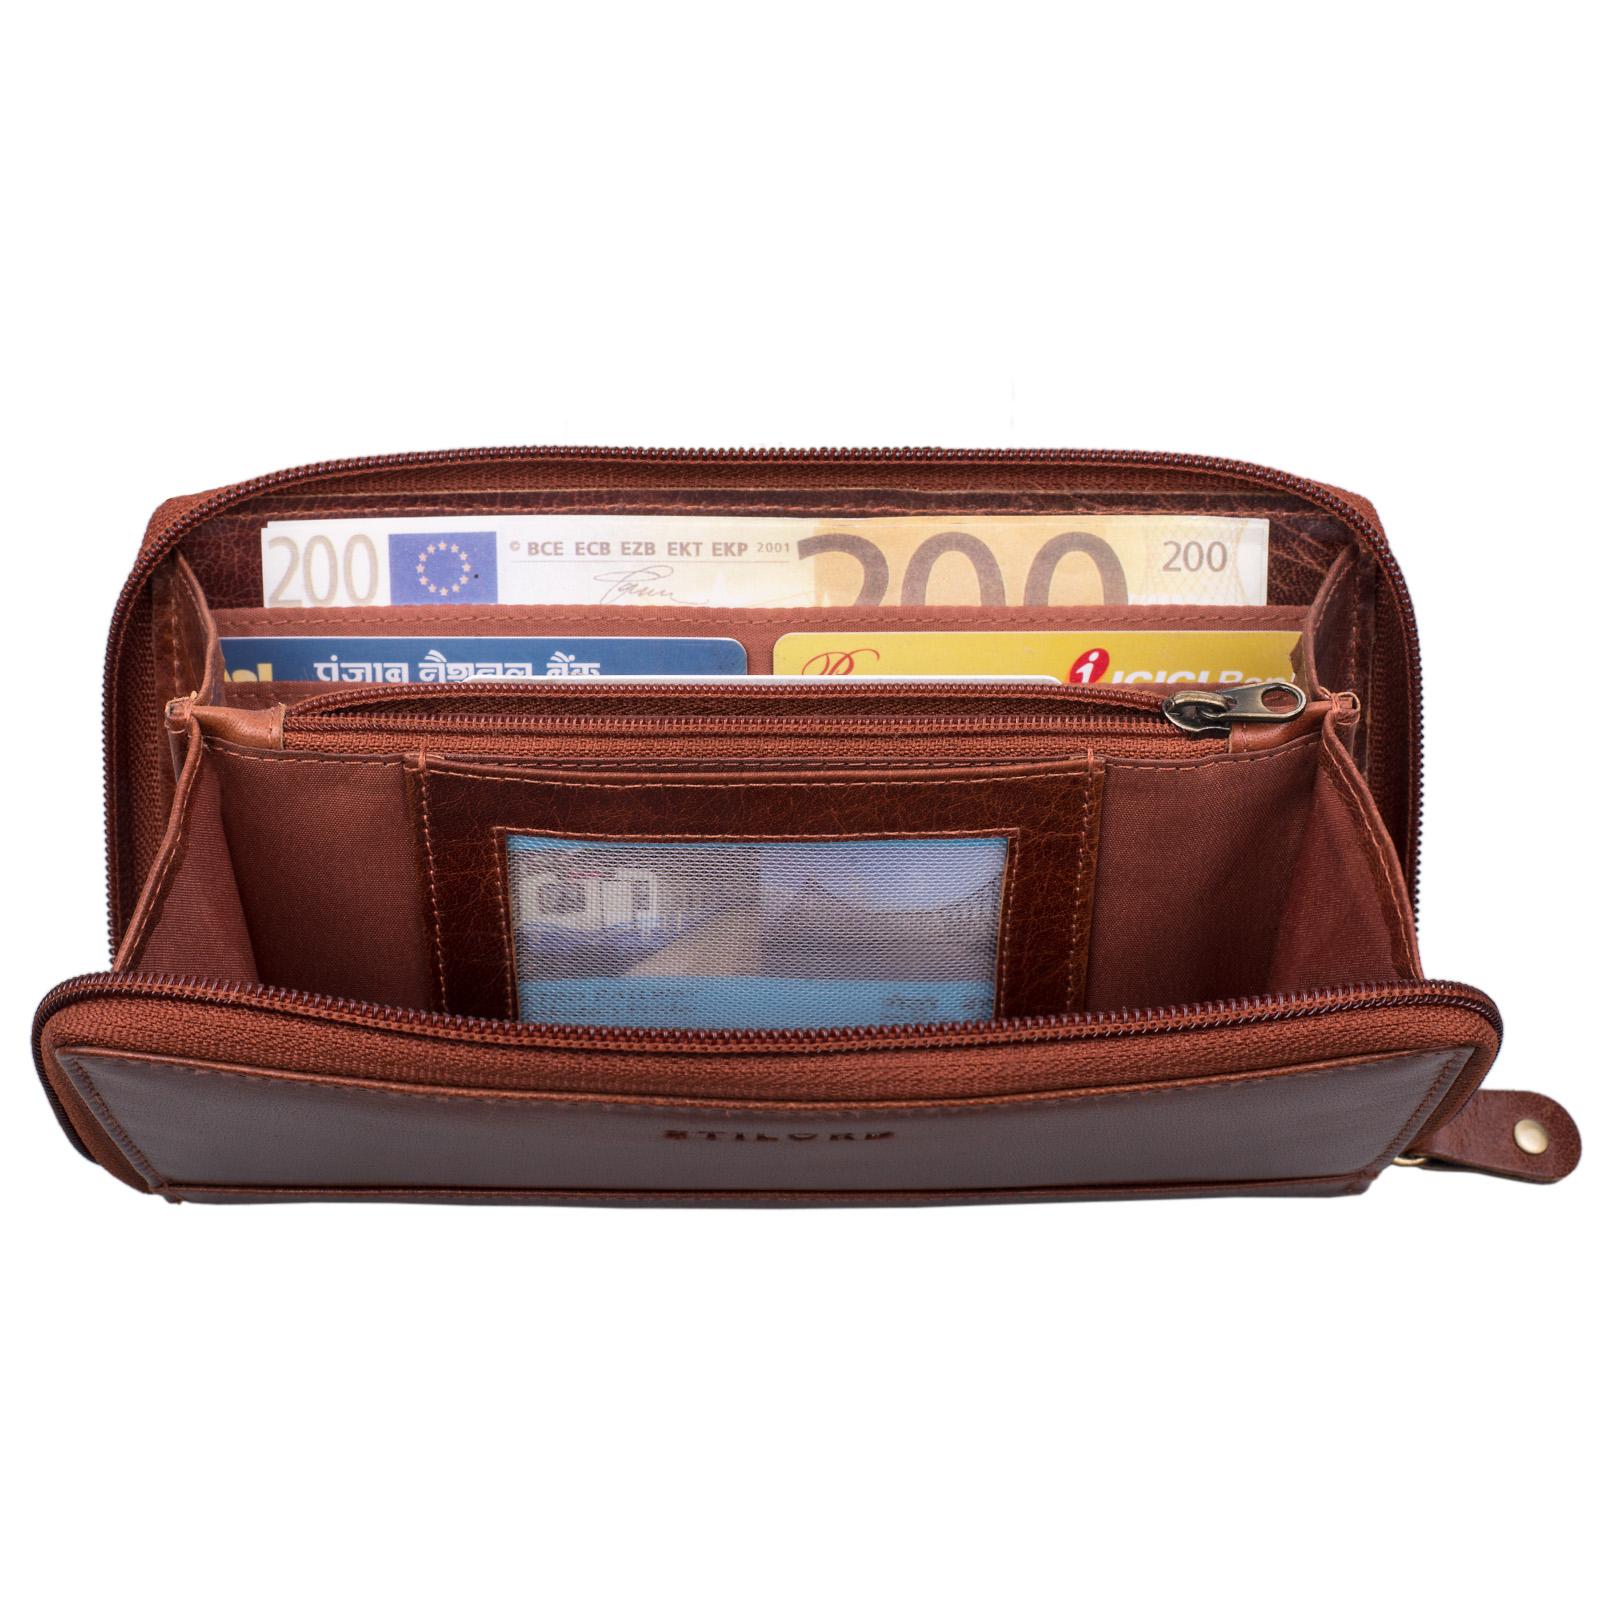 """STILORD """"Saskia"""" Portemonnaie Damen Leder groß viele Fächer Vintage Brieftasche im Querformat Geldbörse mit Reißverschluss für EC-Karten Kleingeld Ausweis - Bild 3"""